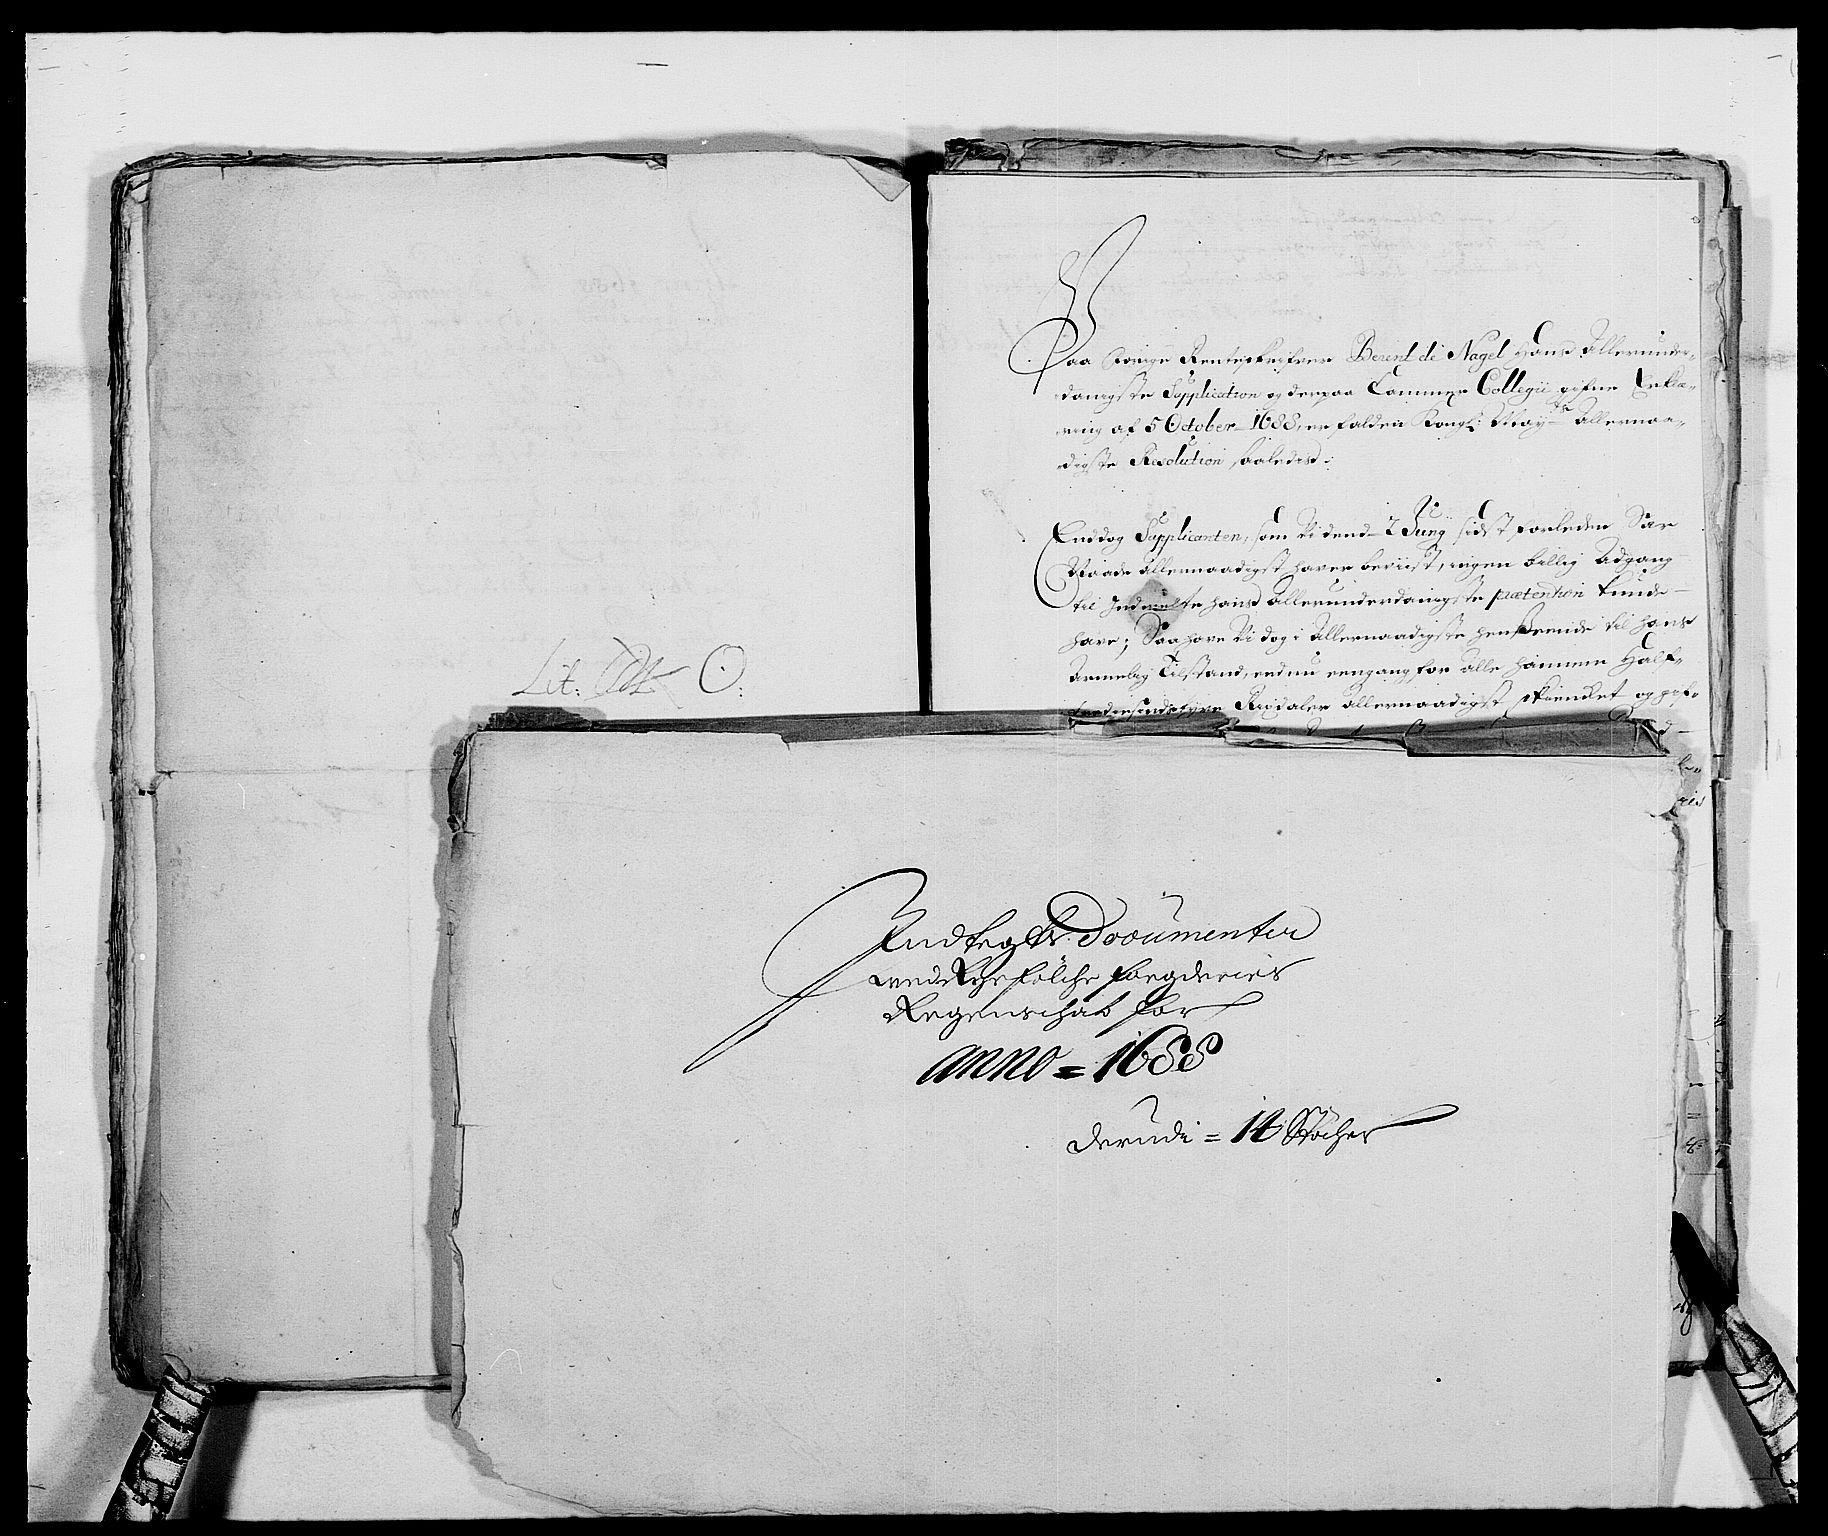 RA, Rentekammeret inntil 1814, Reviderte regnskaper, Fogderegnskap, R47/L2855: Fogderegnskap Ryfylke, 1685-1688, s. 440